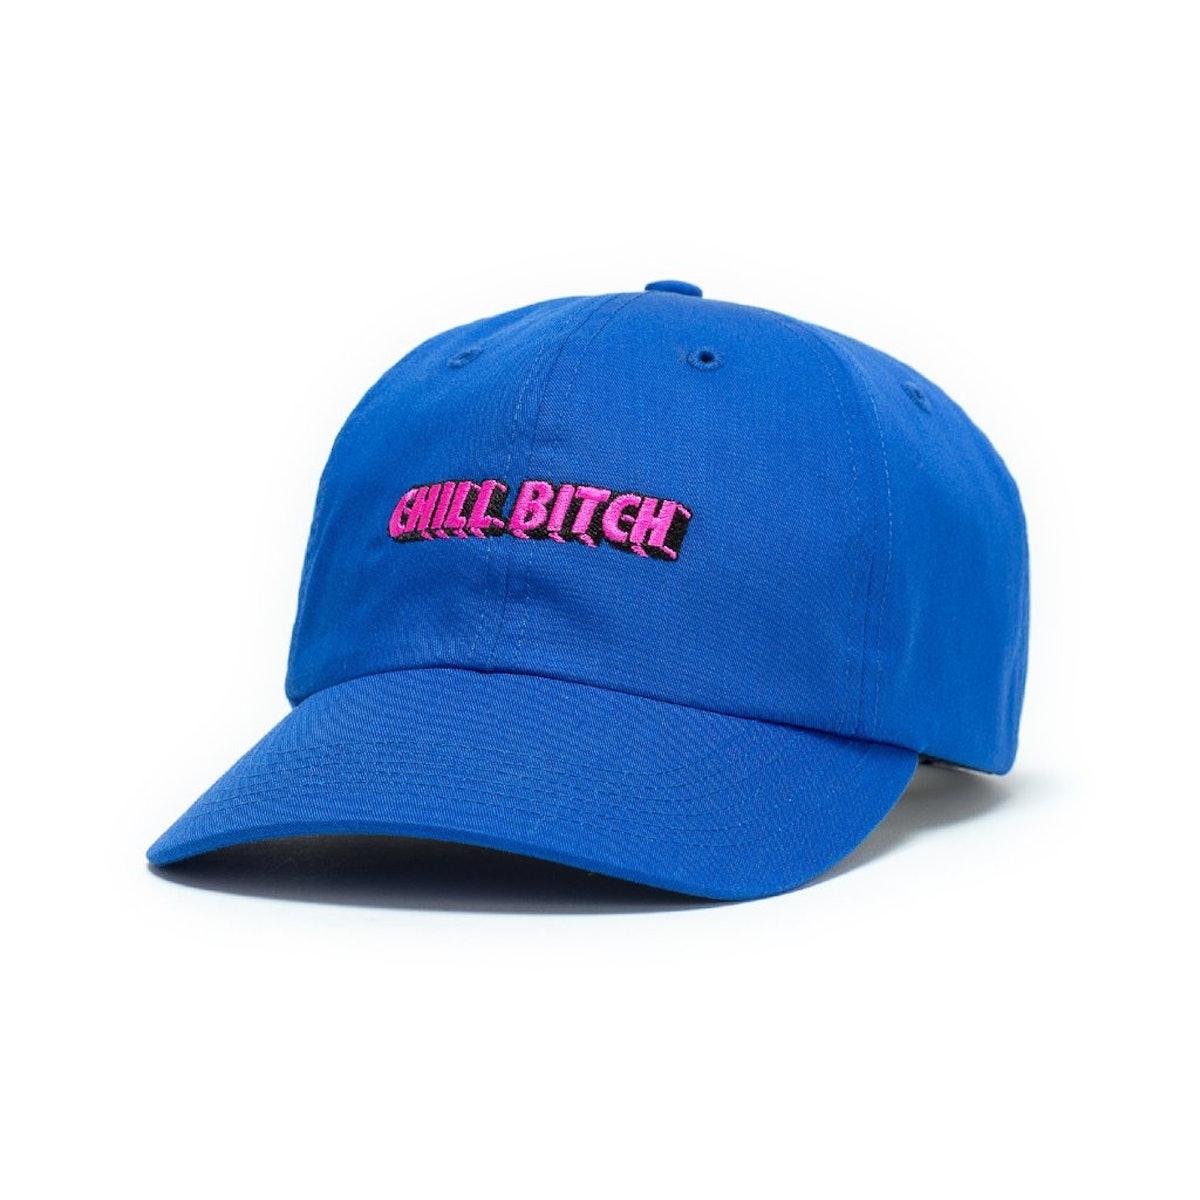 CHILL B*TCH BLUE DAD HAT